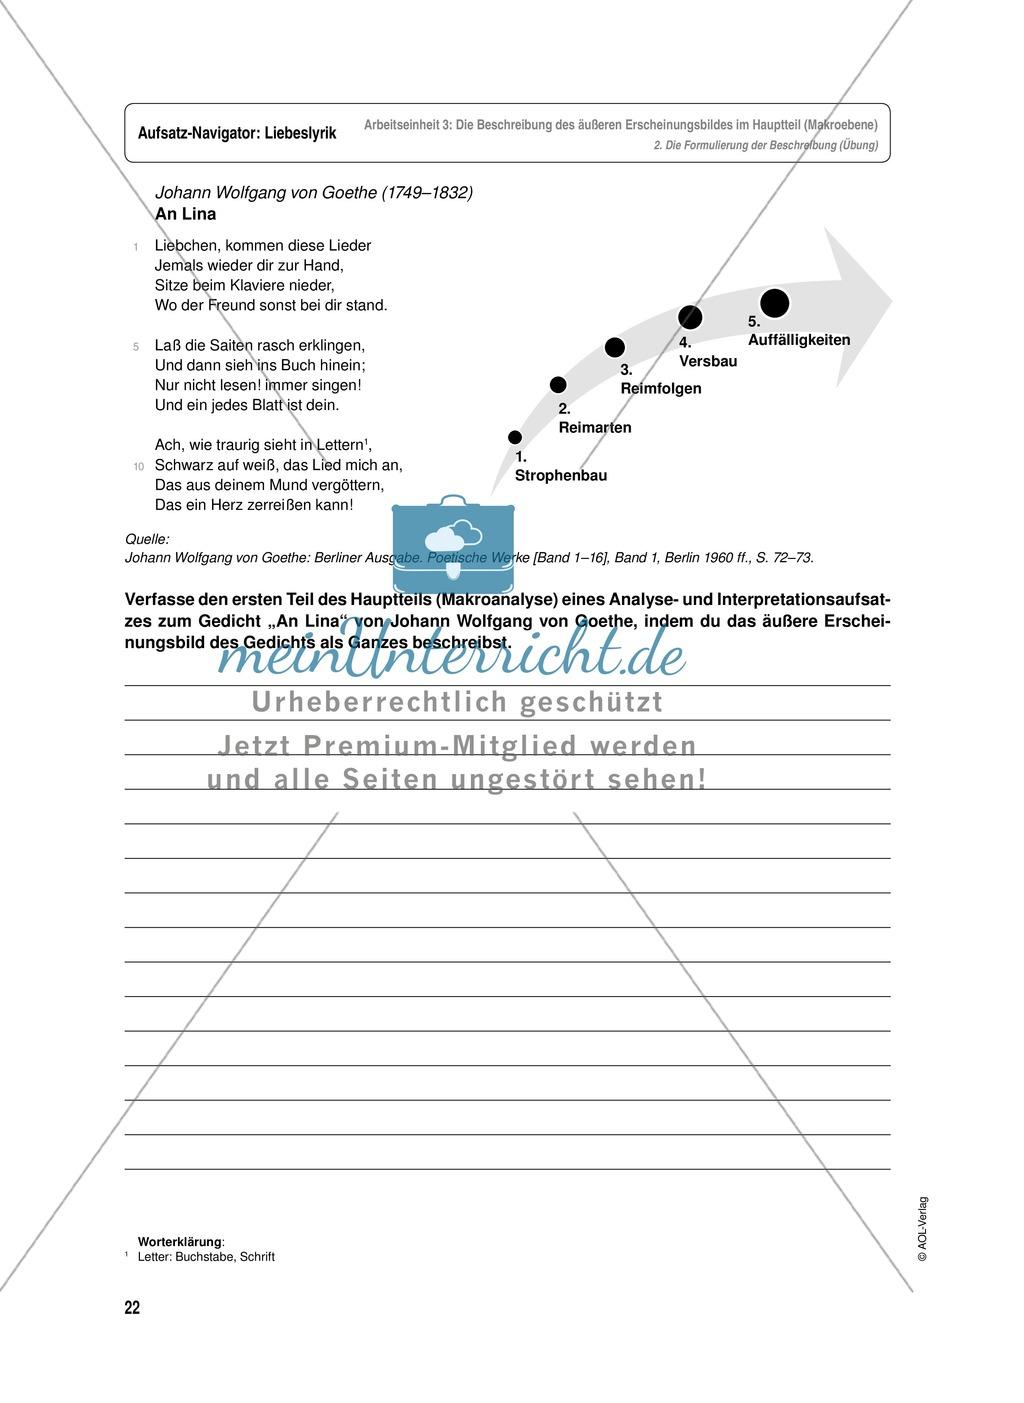 Arbeitseinheit zur Gestaltung einer Analyse / Interpretation von Liebeslyrik - Die Beschreibung des äußeren Erscheinungsbildes im Hauptteil (Makroebene) Preview 4